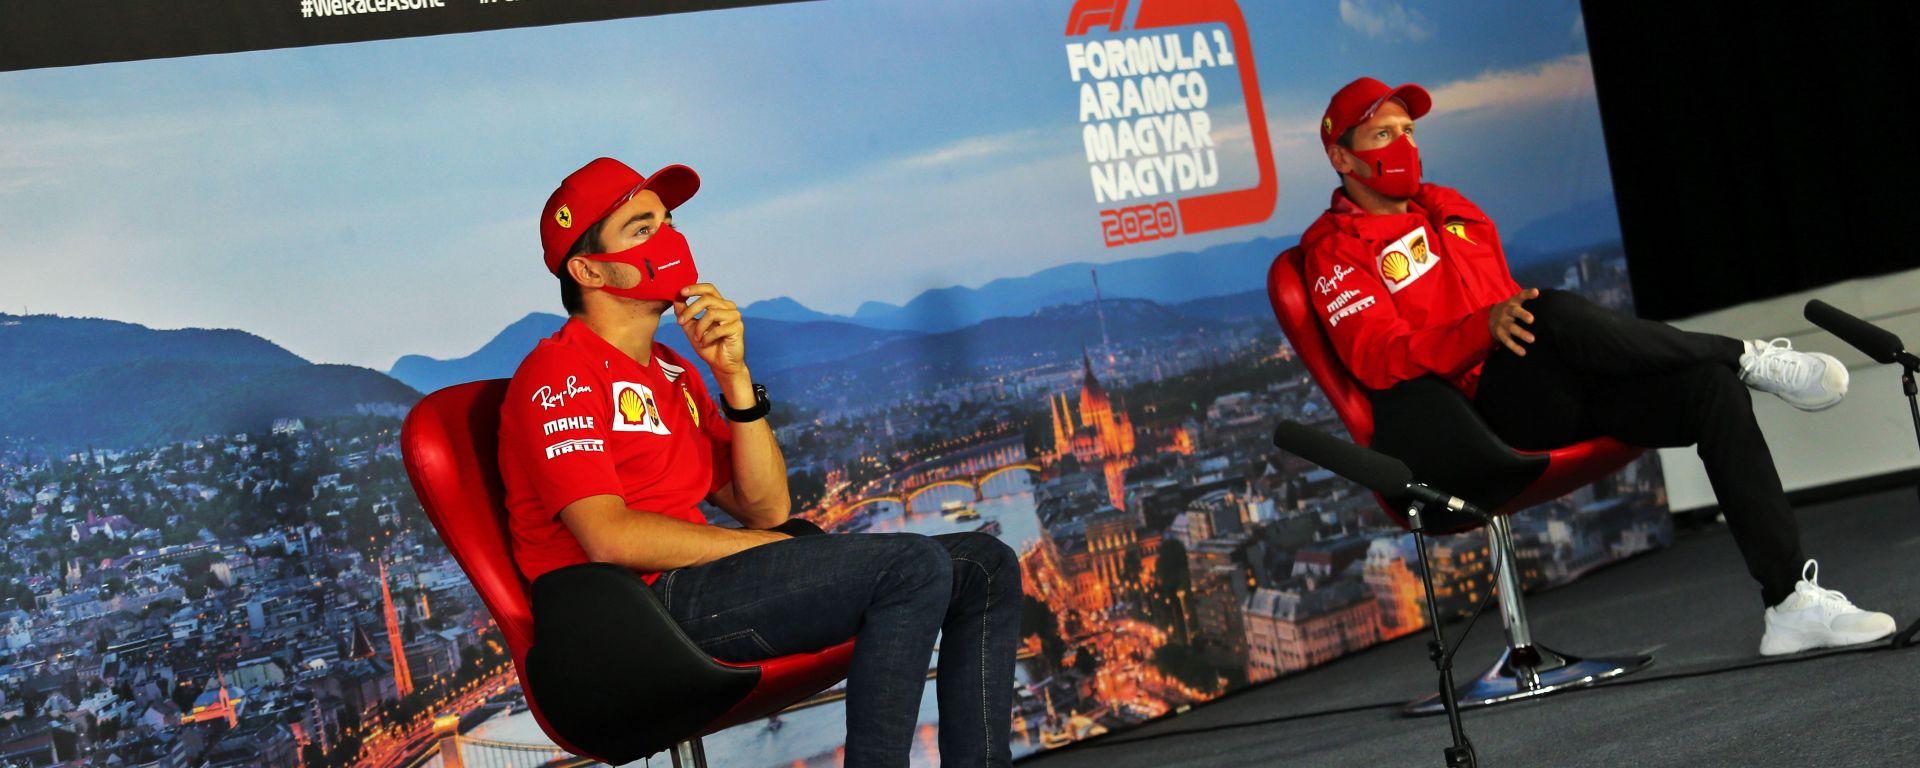 Ferrari: i piloti archiviano l'incidente in Austria senza polemiche